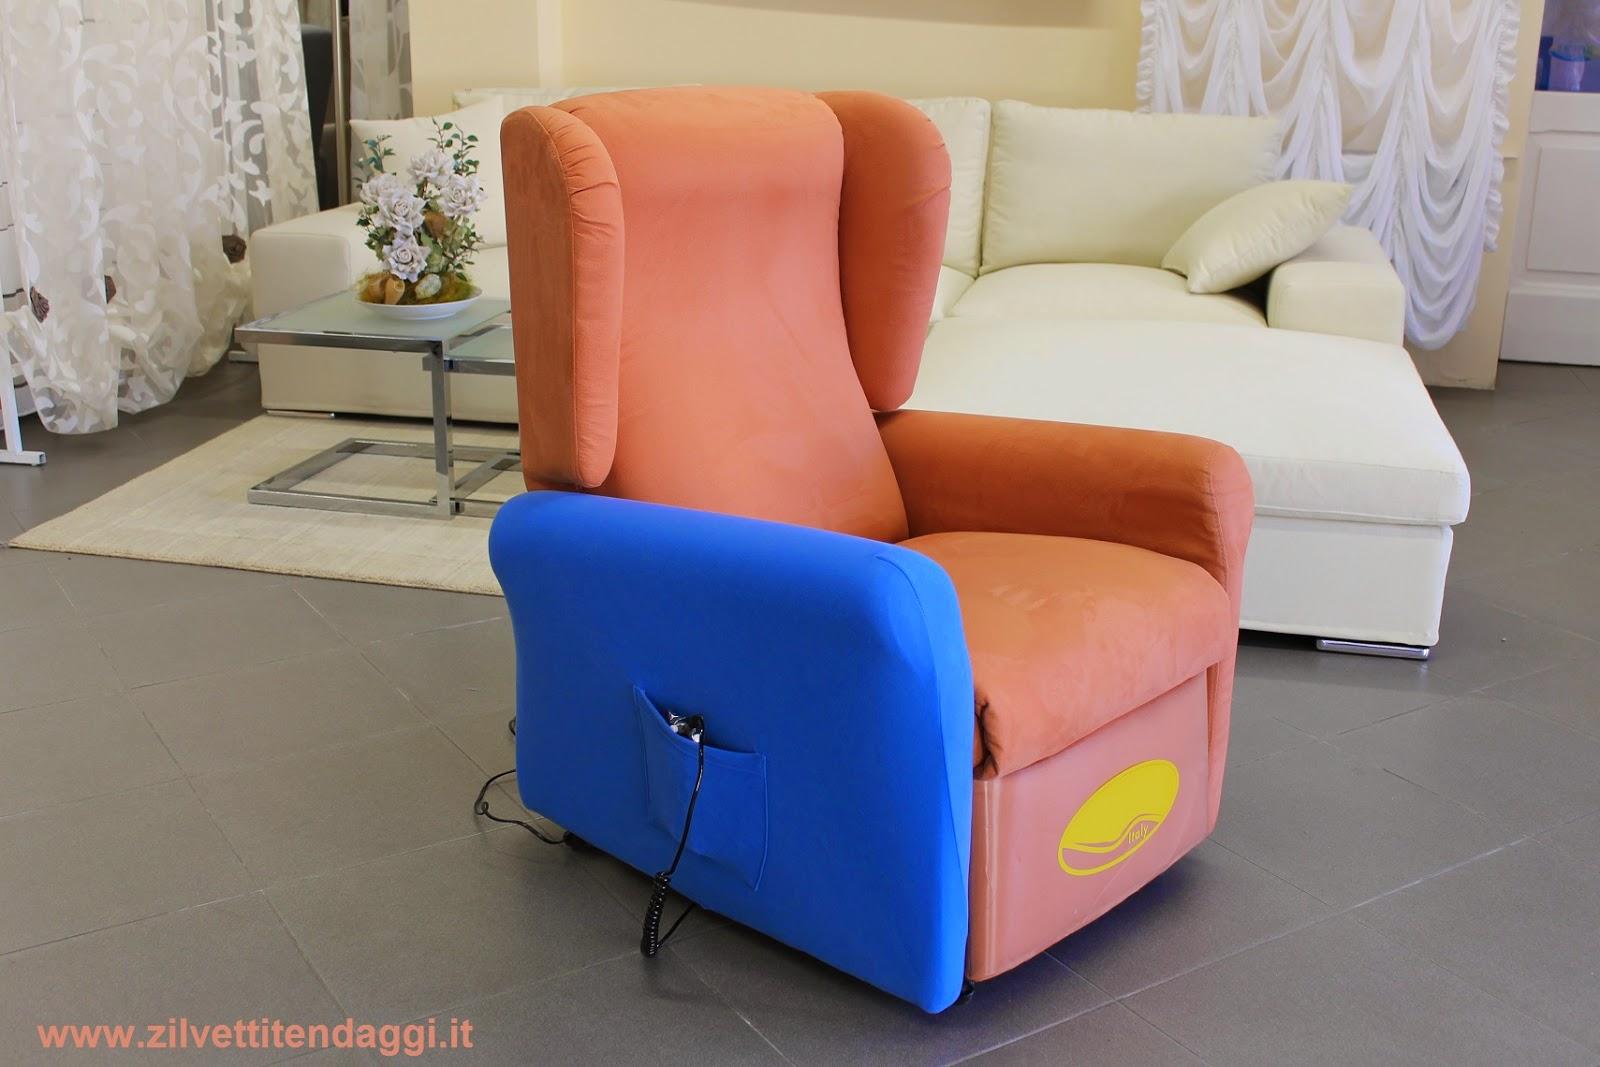 Cube: la poltrona relax più stretta dalle dimensioni ridotte ...